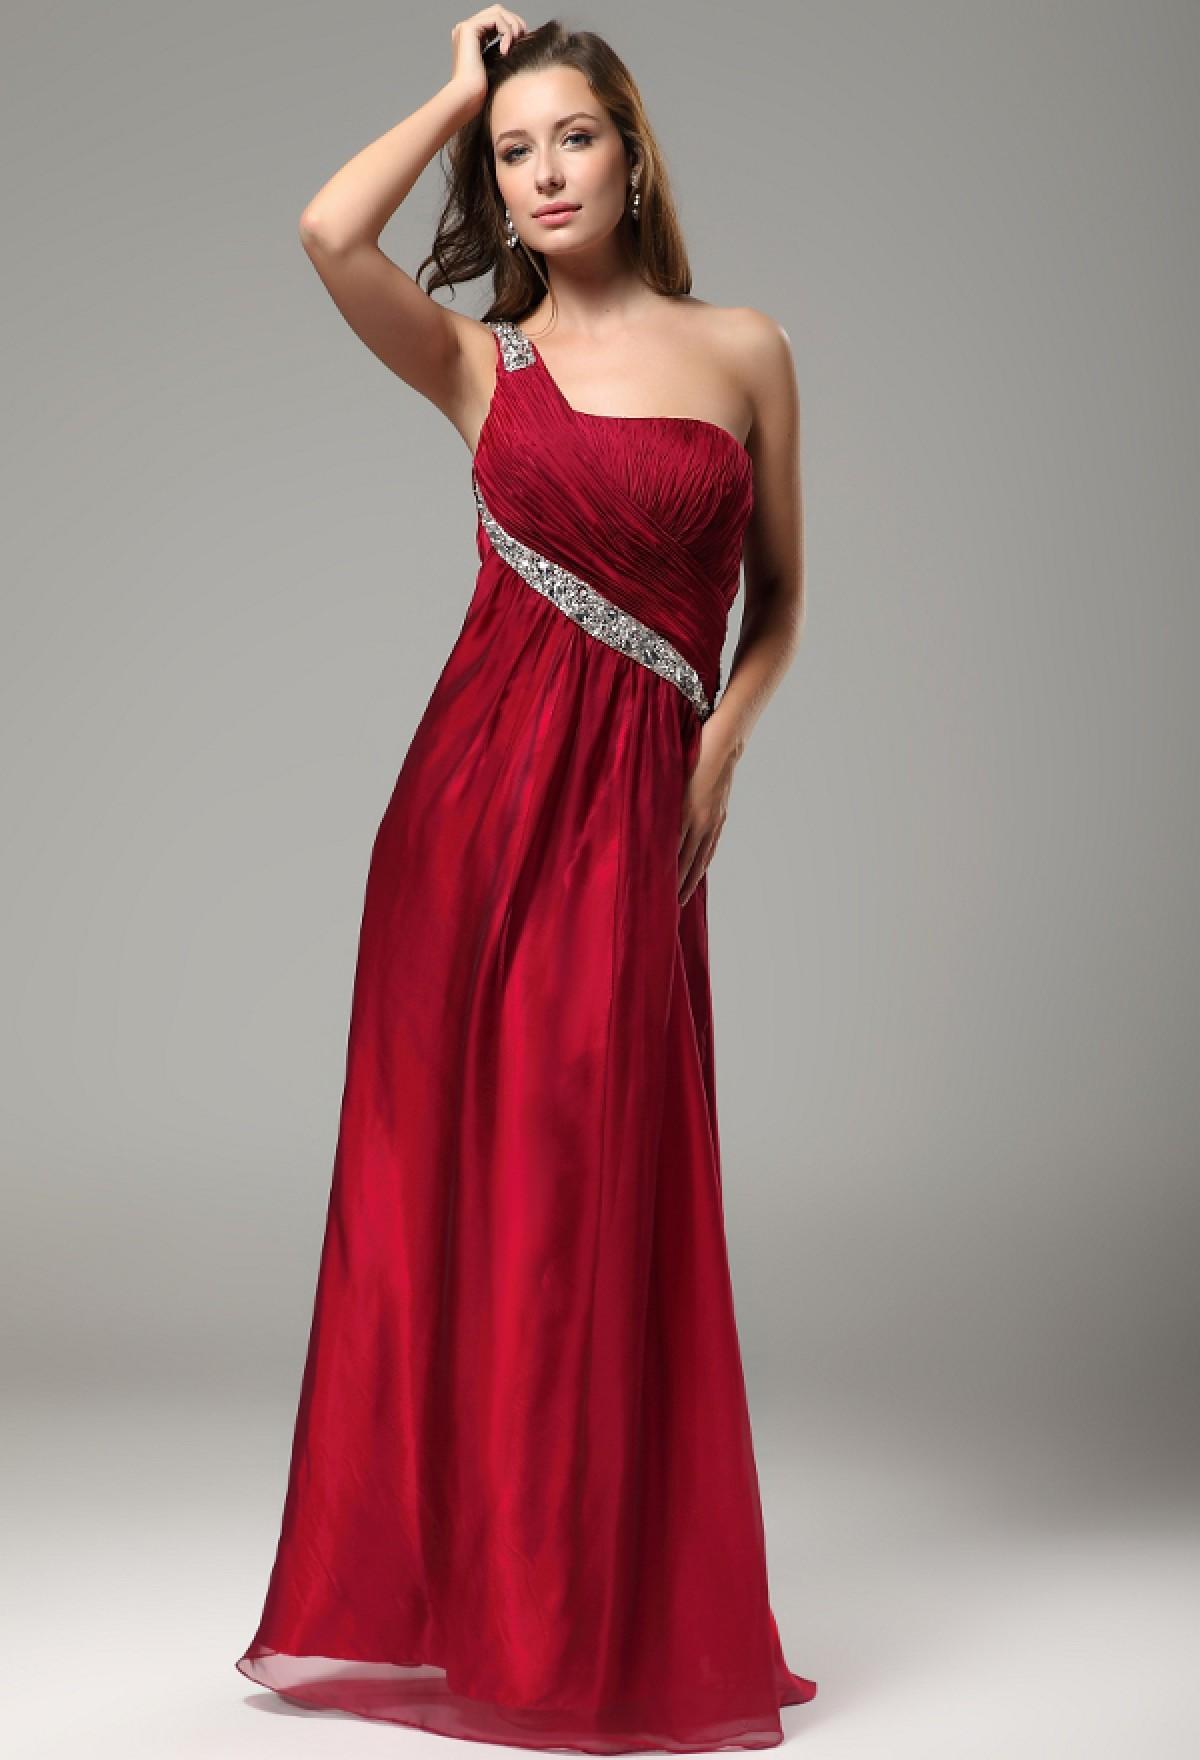 procurer sélectionner plus tard pour robe de soirée longue